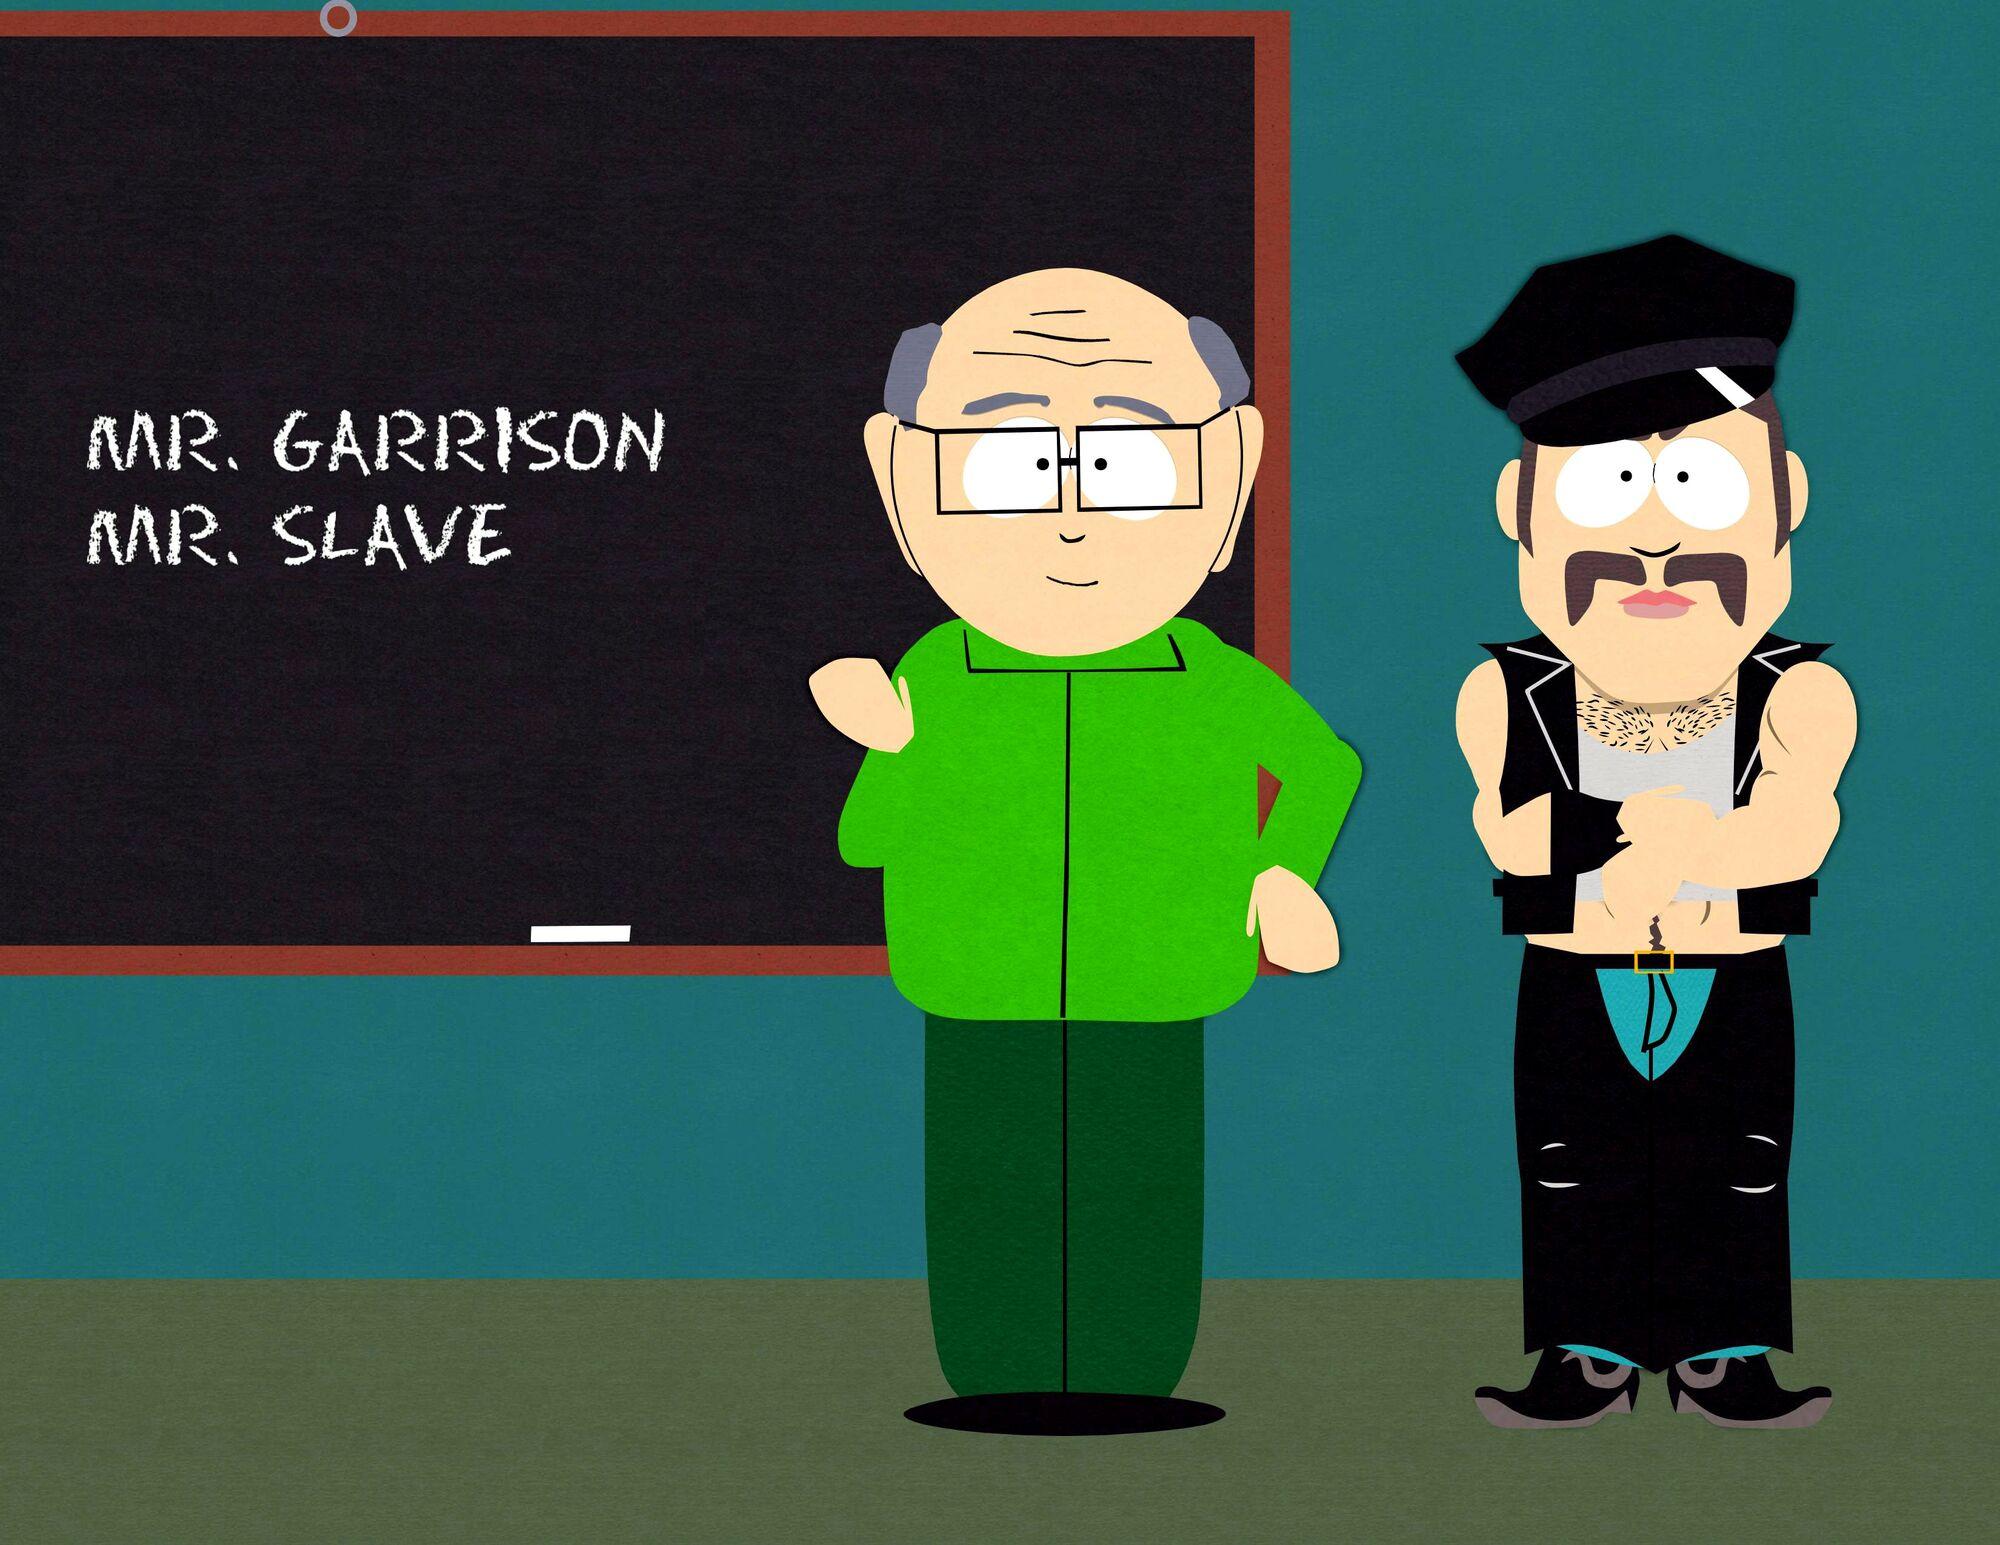 from Avi mr garrison gay